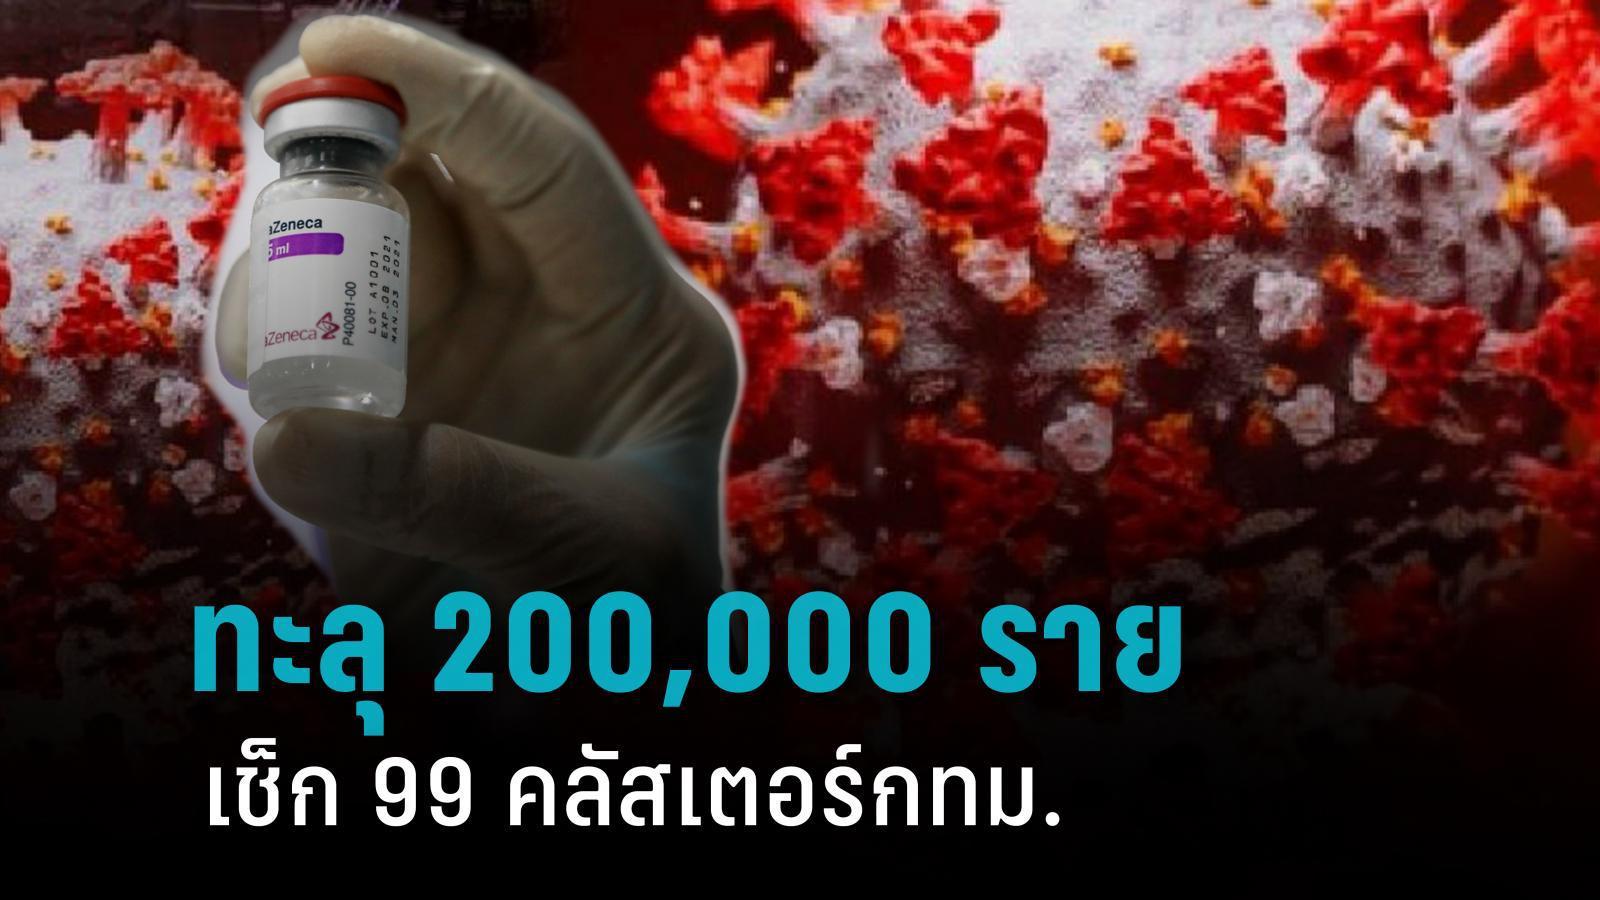 ทะลุ 200,000 ราย ผู้ป่วยสะสม เช็ก 99 คลัสเตอร์กทม.พบใหม่ 3 แห่ง ปริมณฑลอีกเพียบ